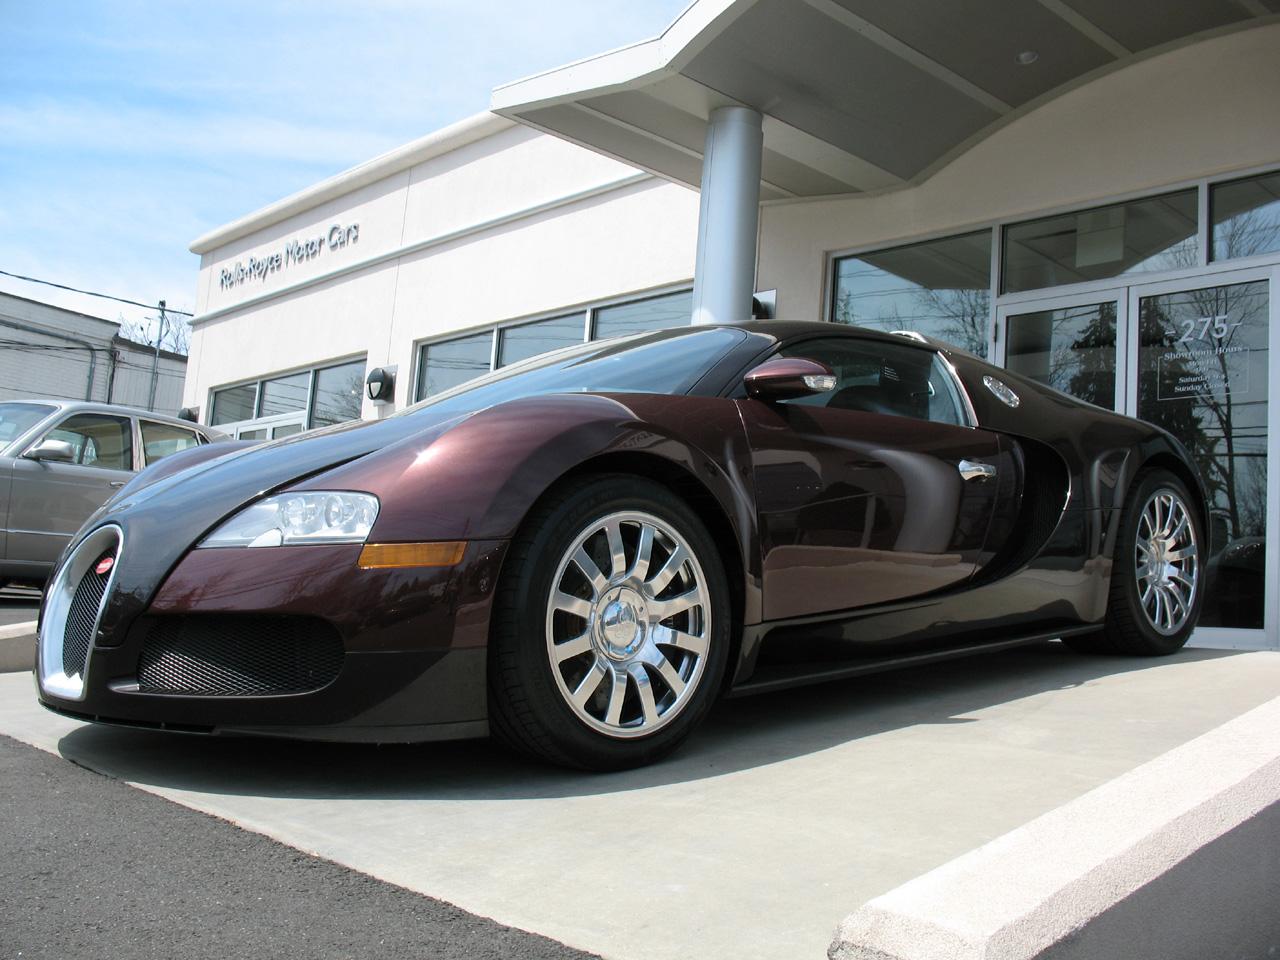 1920x1440 2006 bugatti veyron - photo #27